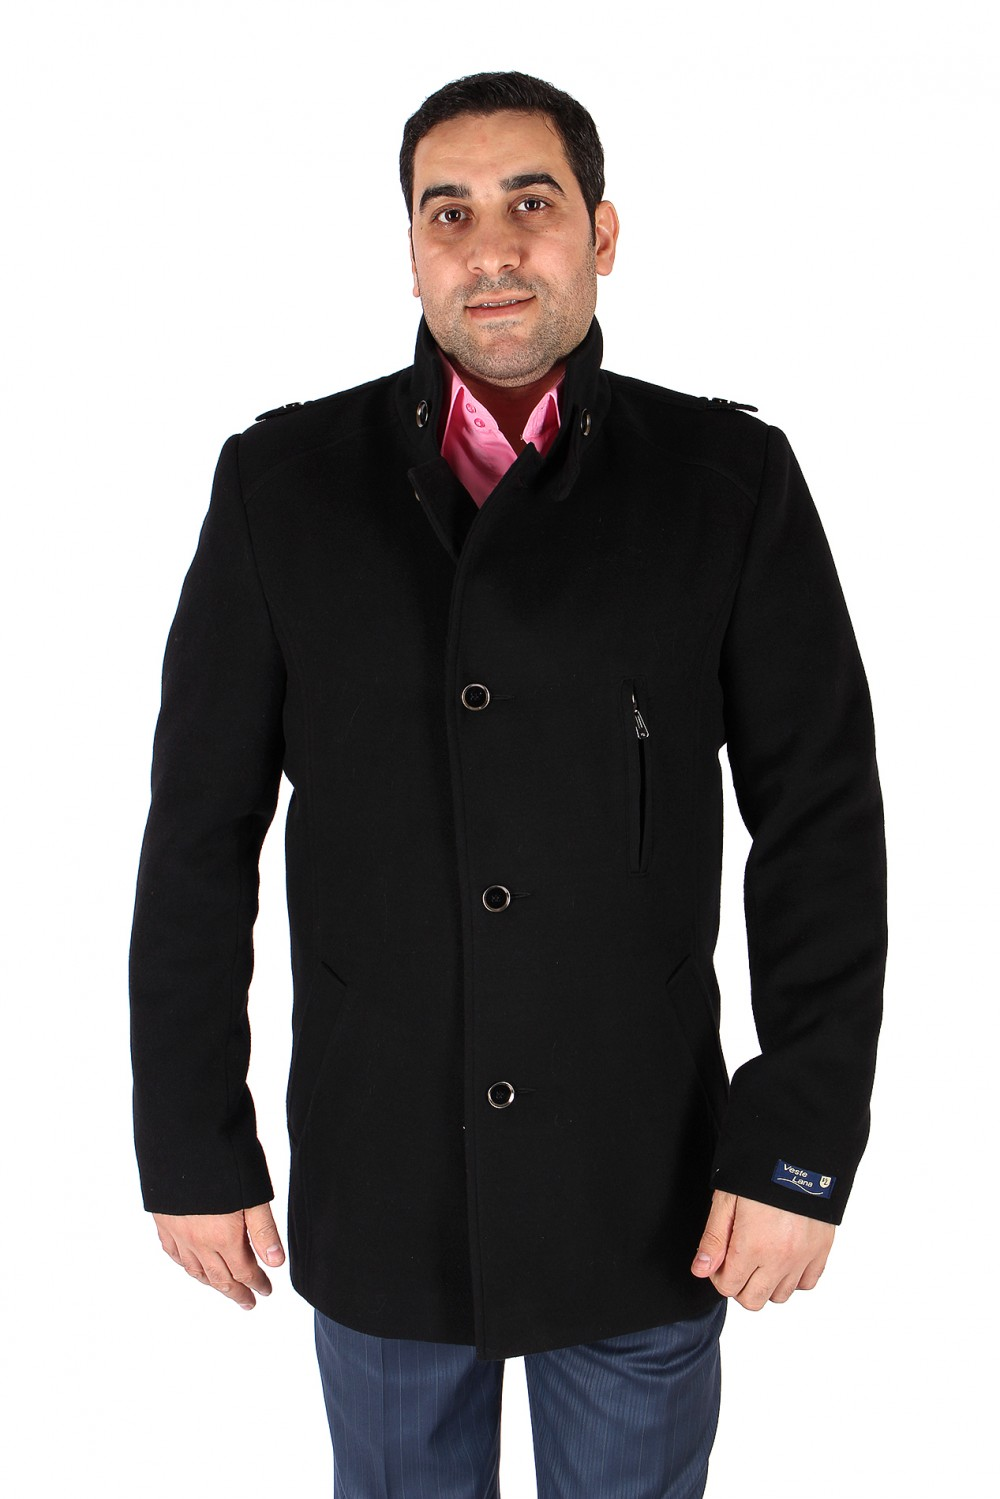 Купить Полупальто мужское черного цвета Кс-25Ch